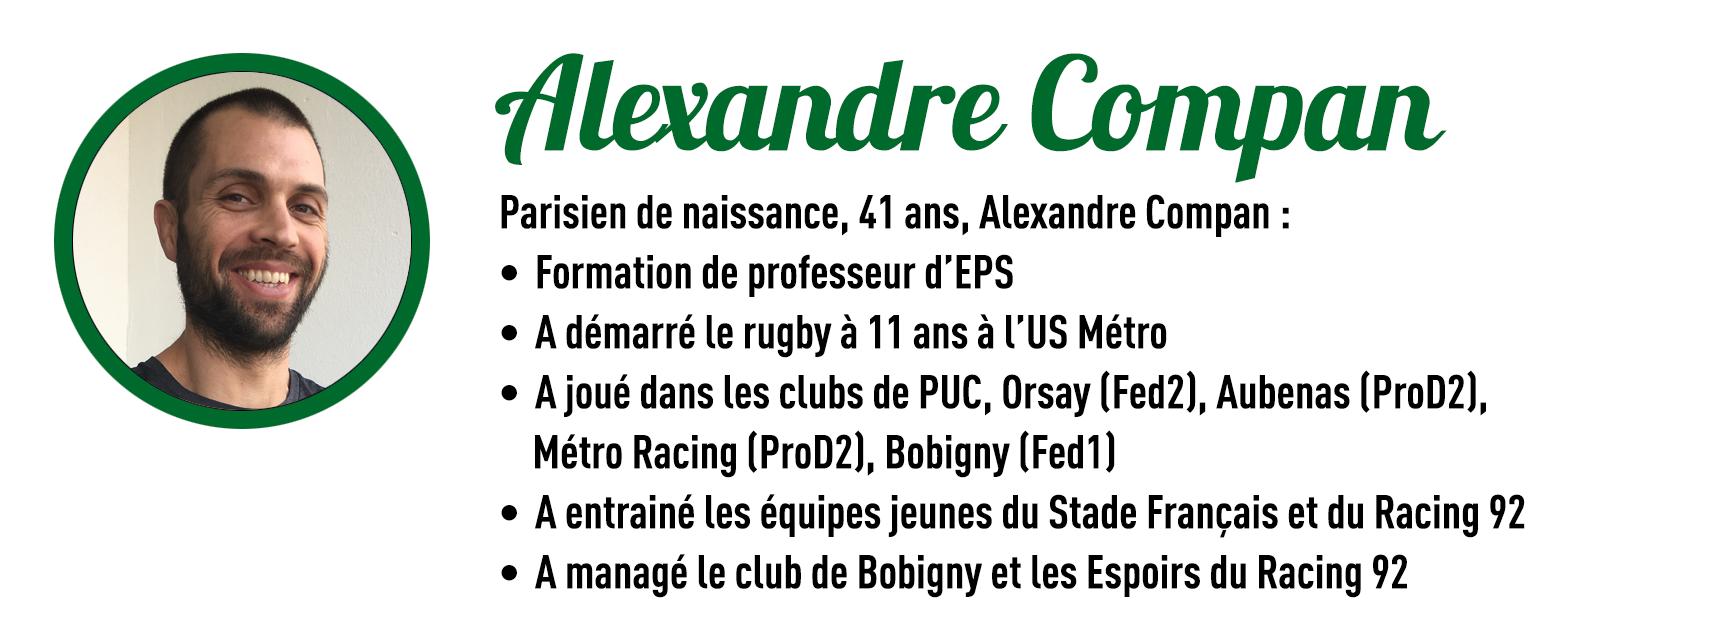 Nomination d'Alexandre Compan